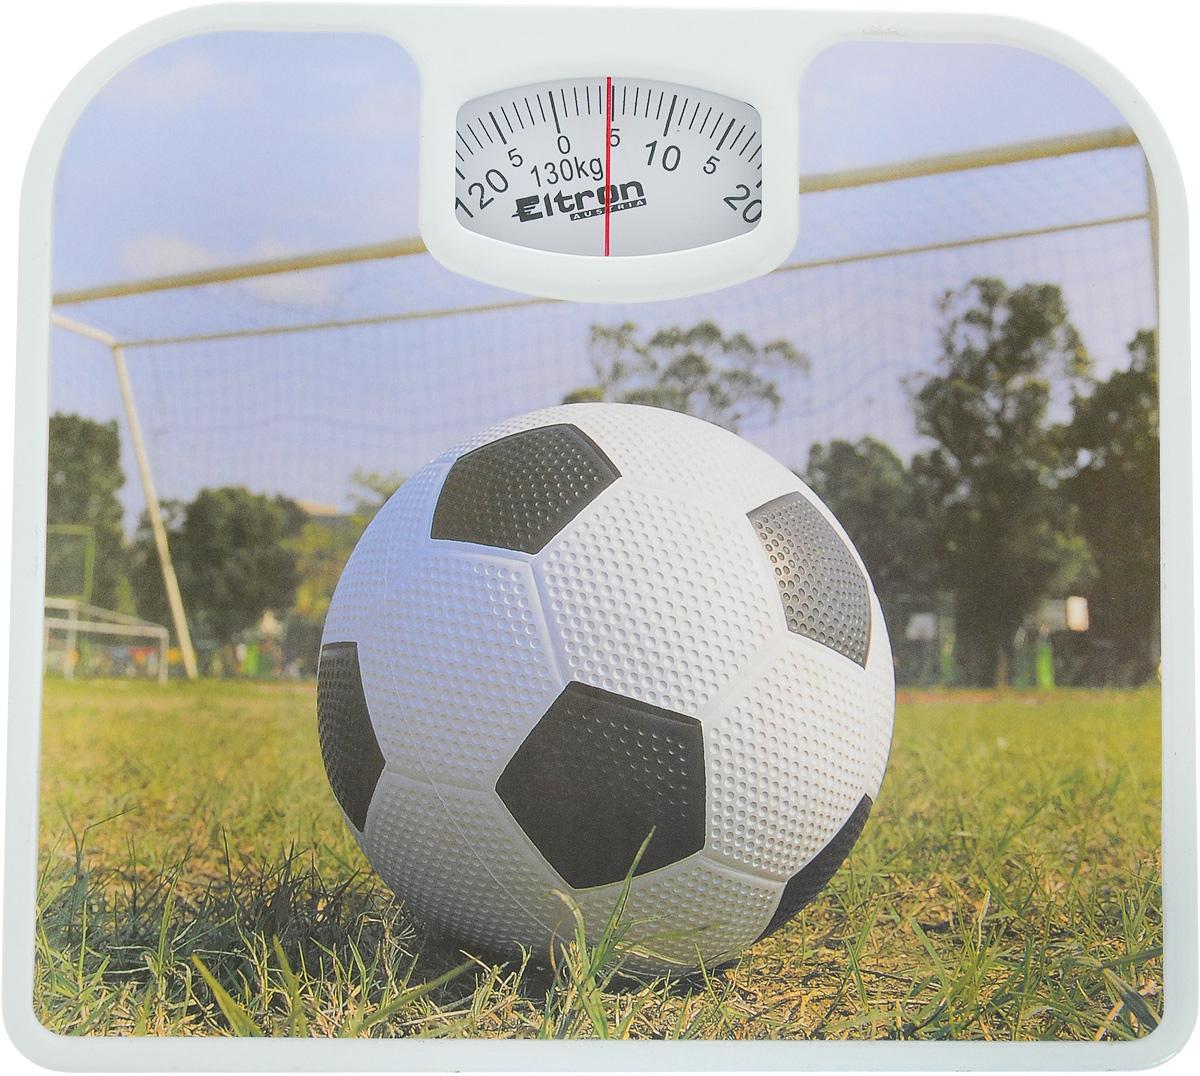 Весы напольные Eltron Футбол, механические, до 130 кг. 9217EL какой фирмы напольные весы лучше купить